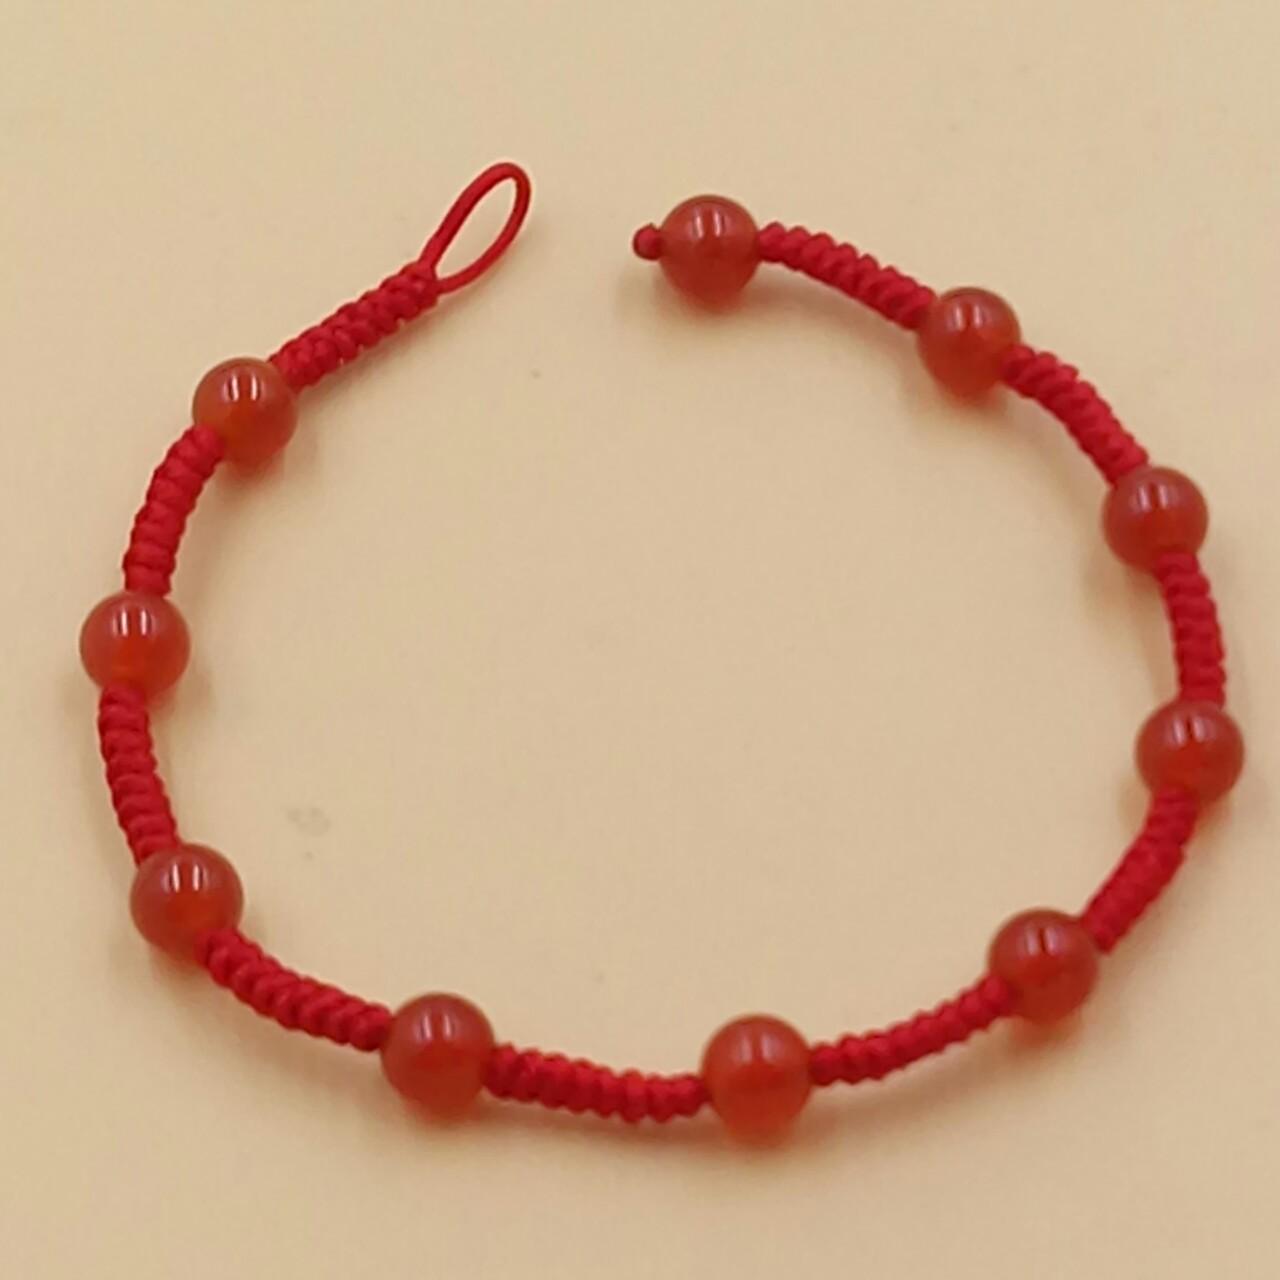 魅琳水晶 天然红玛瑙编织台湾玉线本命年红绳手链纯手工编织